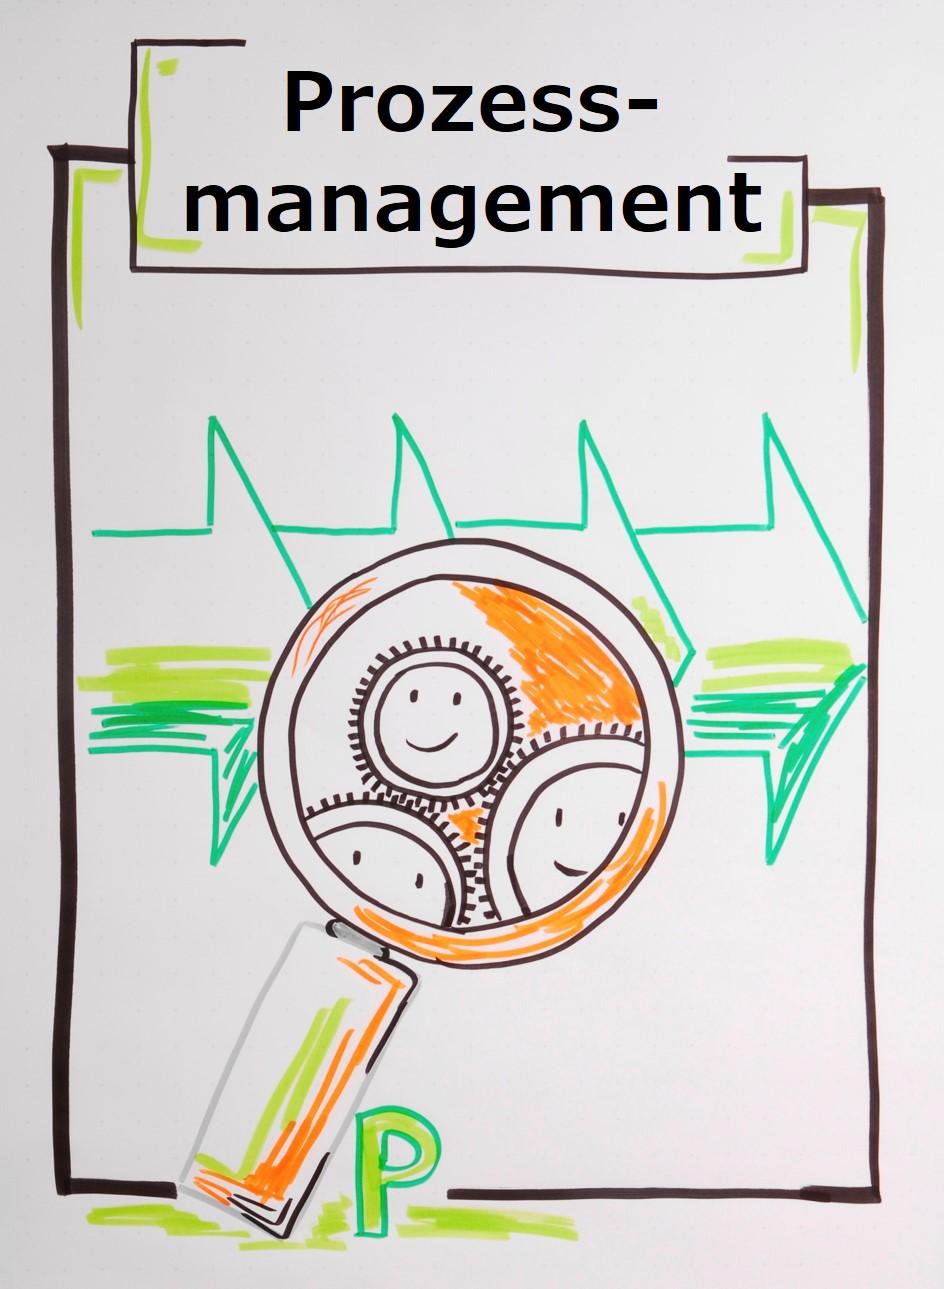 Ein gutes Prozessmanagement hilft Widerstände zu minimieren und Motivation zu steigern